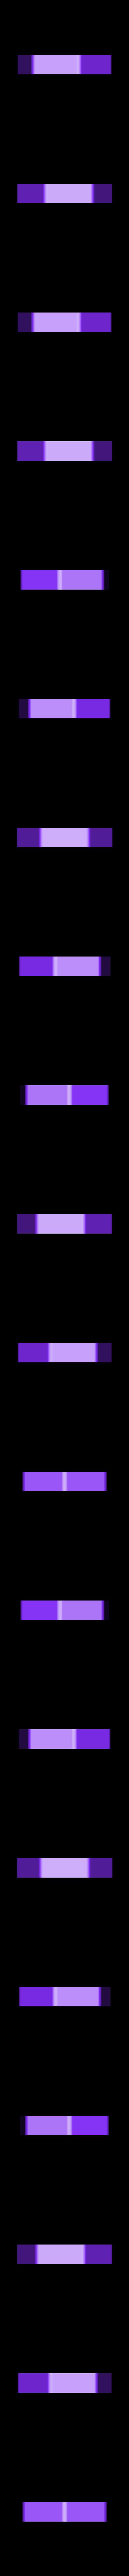 base_scarabbe.STL Télécharger fichier STL gratuit Hive • Objet pour impression 3D, seb2320